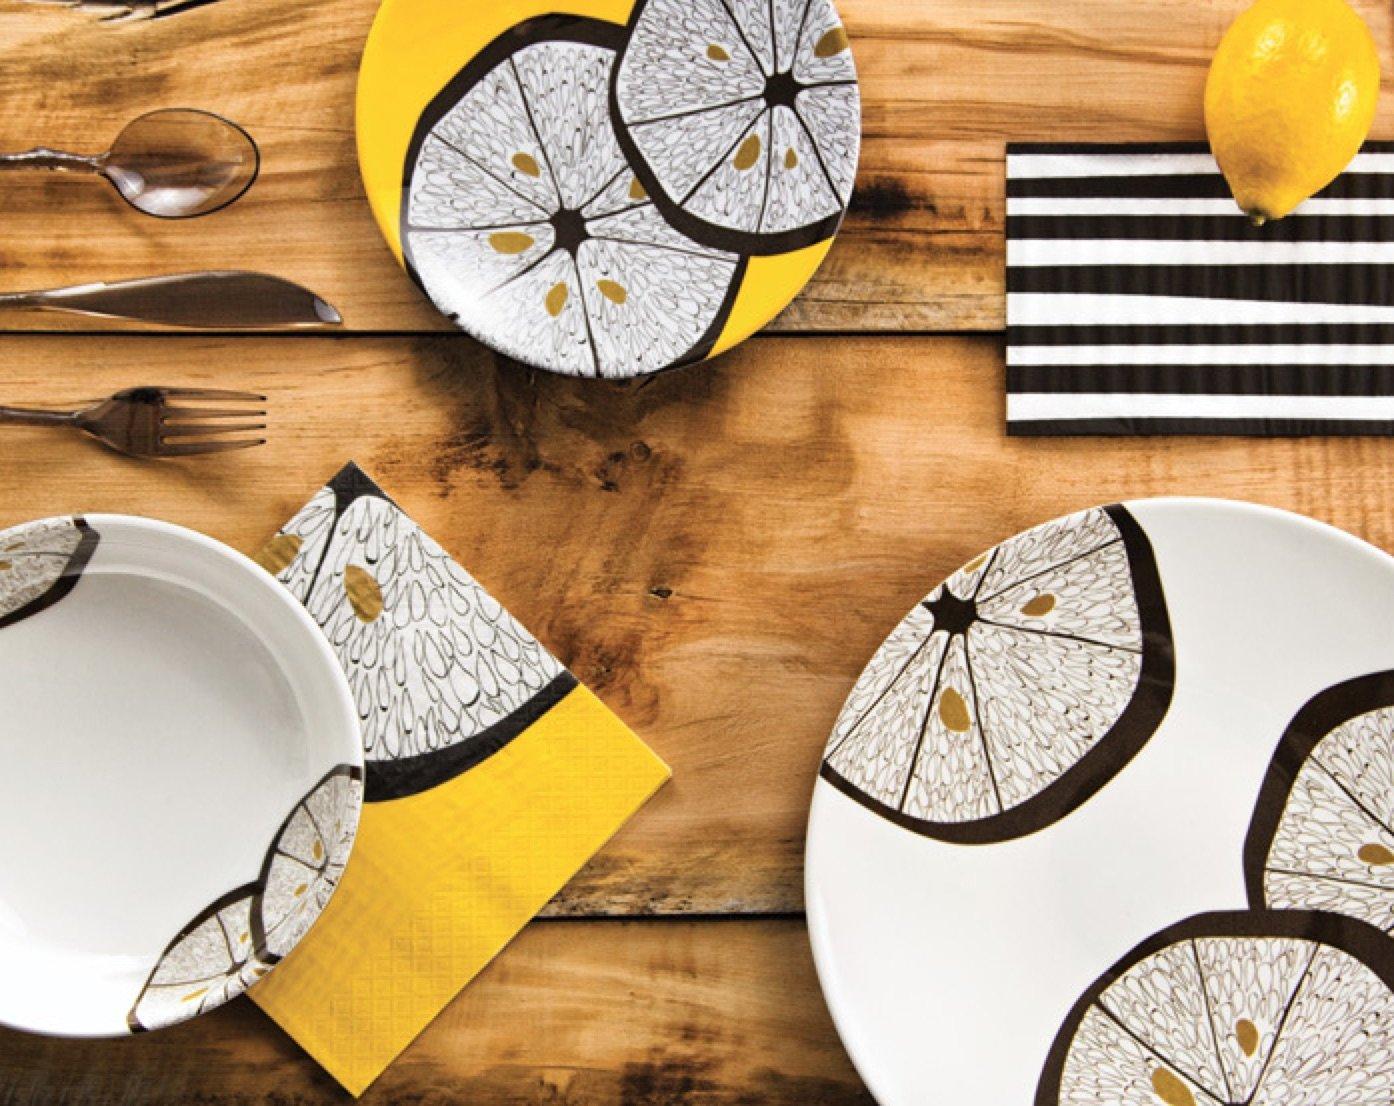 Elegant Party Supplies, Elegant Party Supplies by Designer Michael Aram